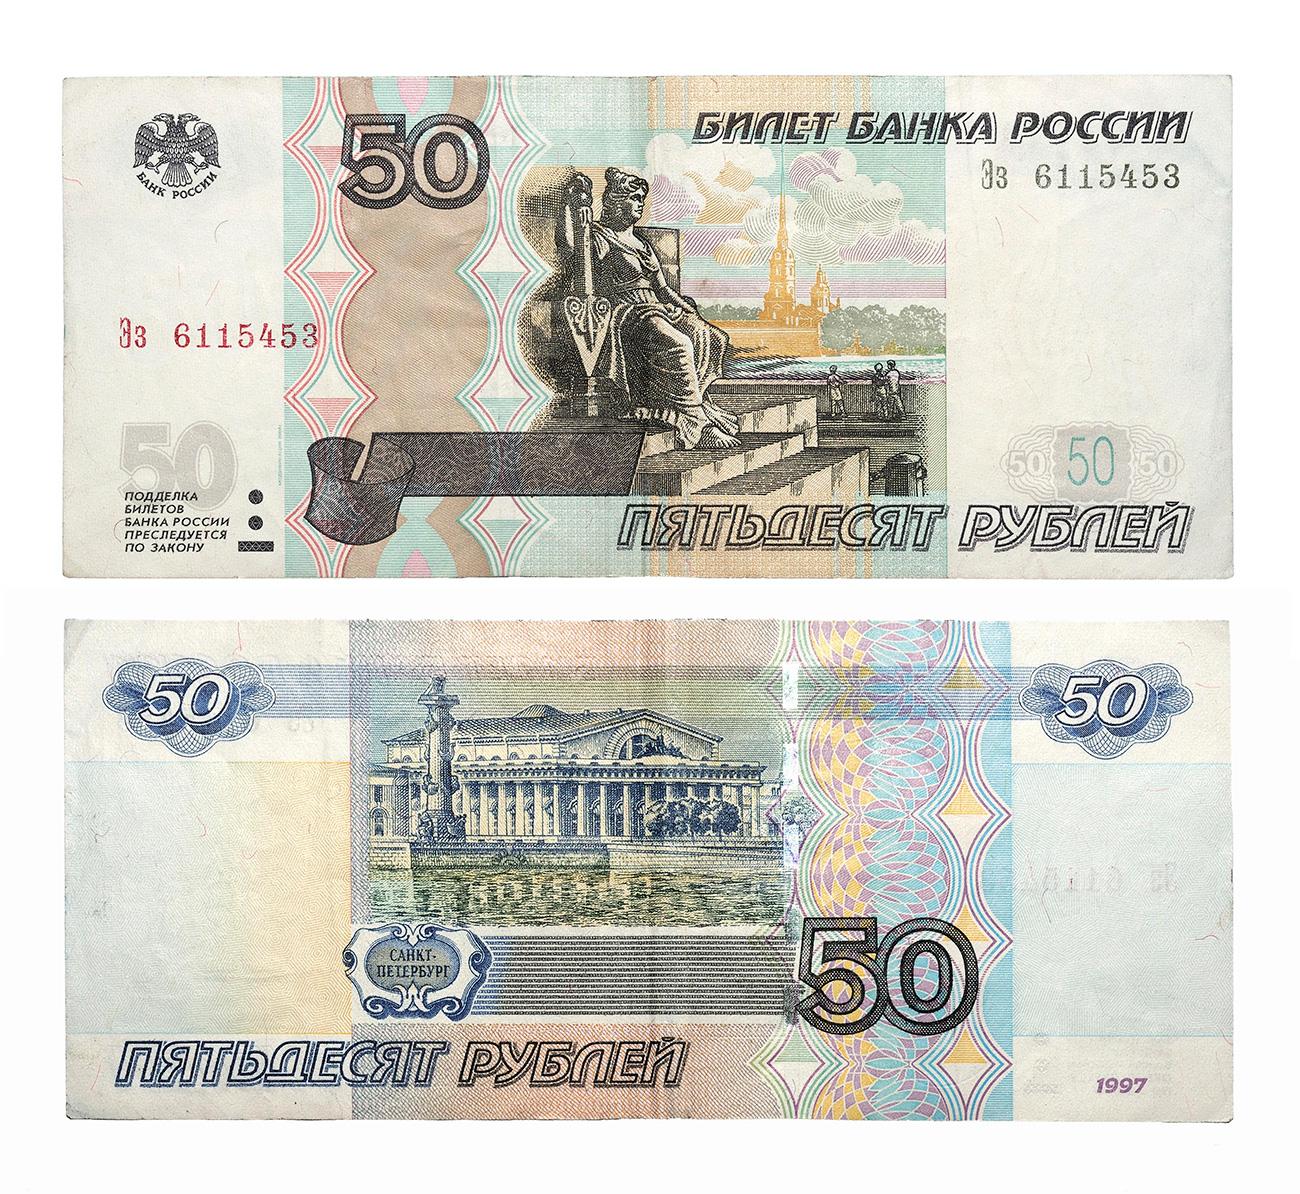 50 rubljev / Global Look Press